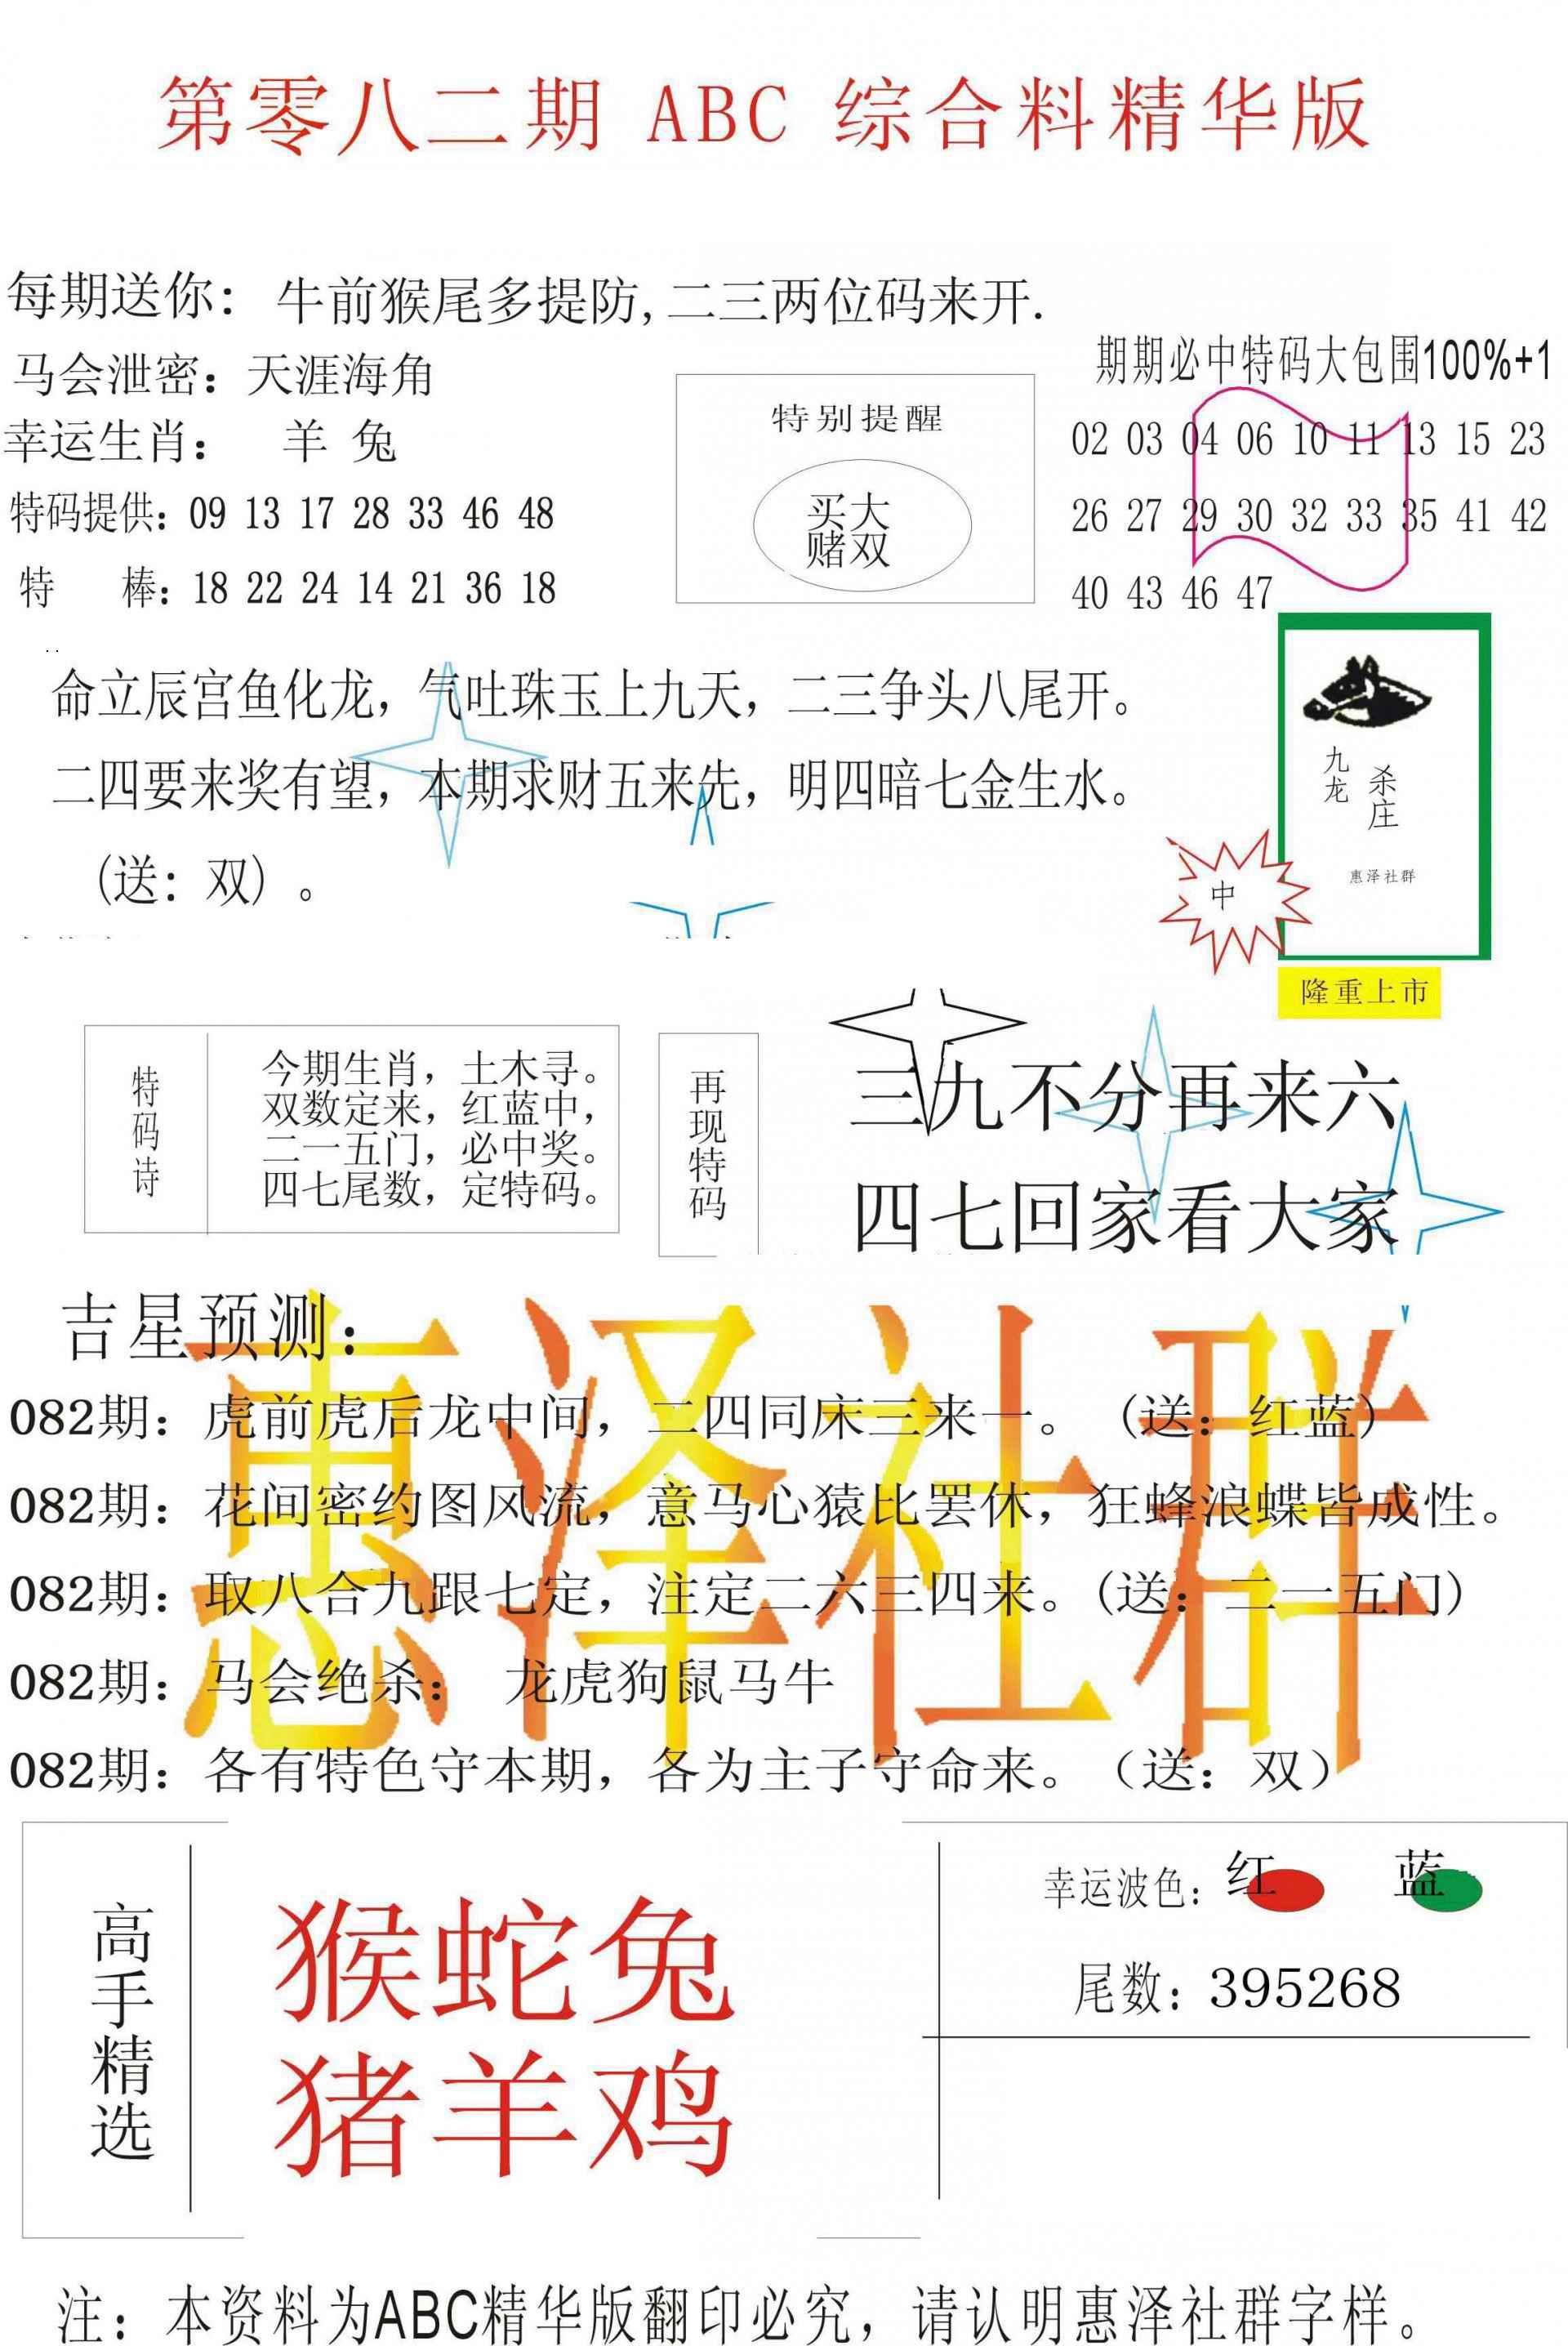 082期ABC综合正版资料